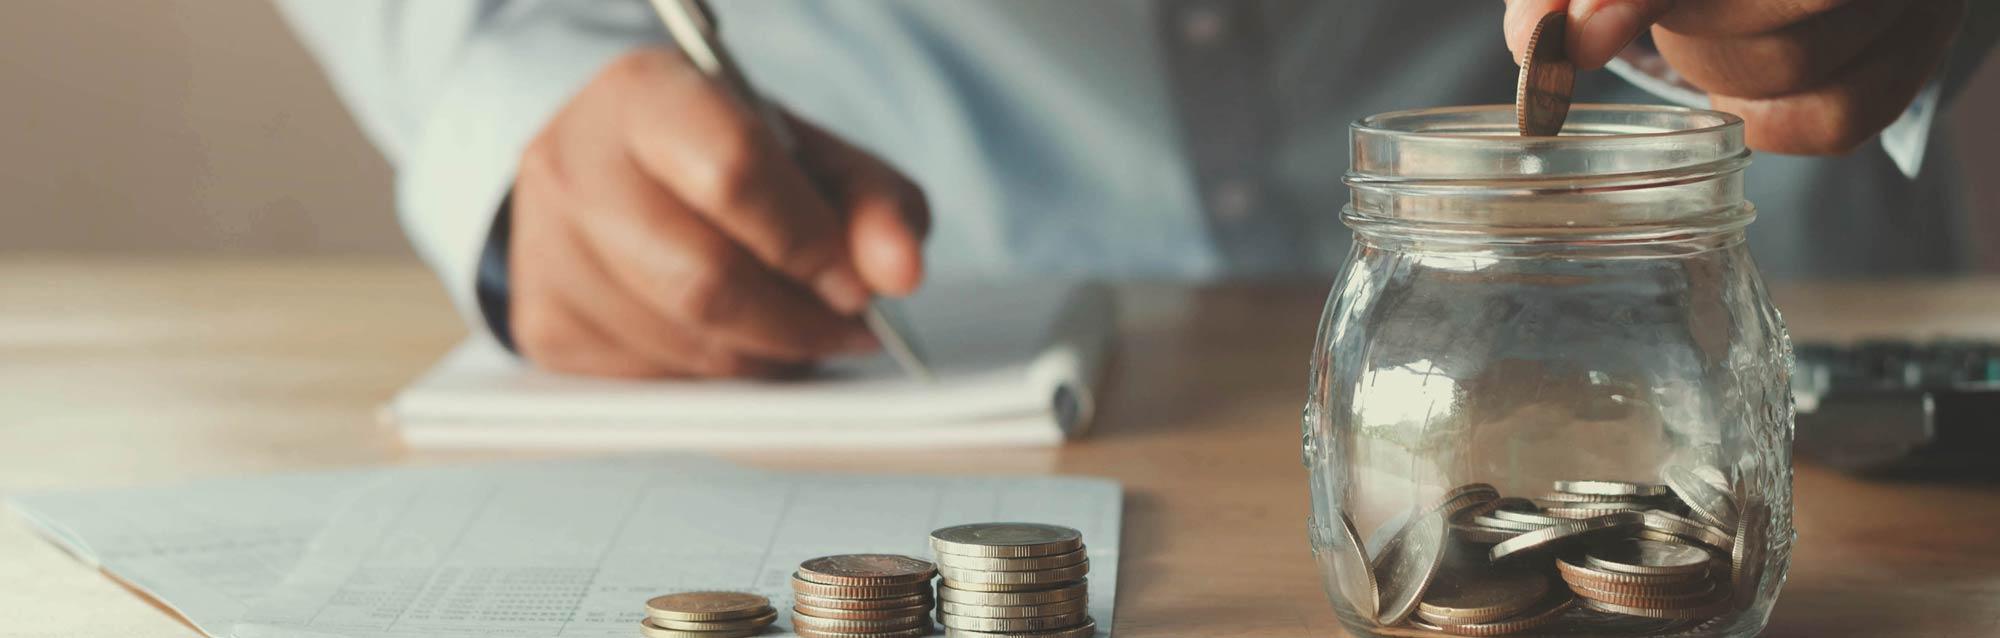 Cuatro fondos españoles logran una rentabilidad en el año superior al 15%